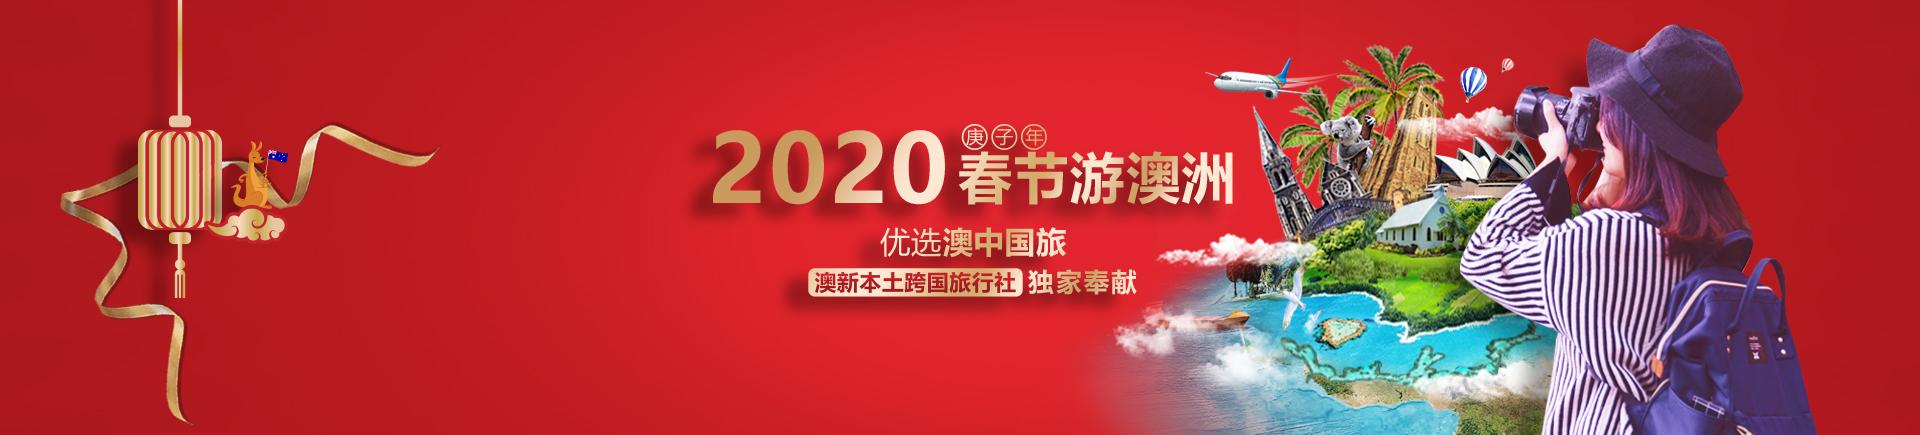 20春节精选